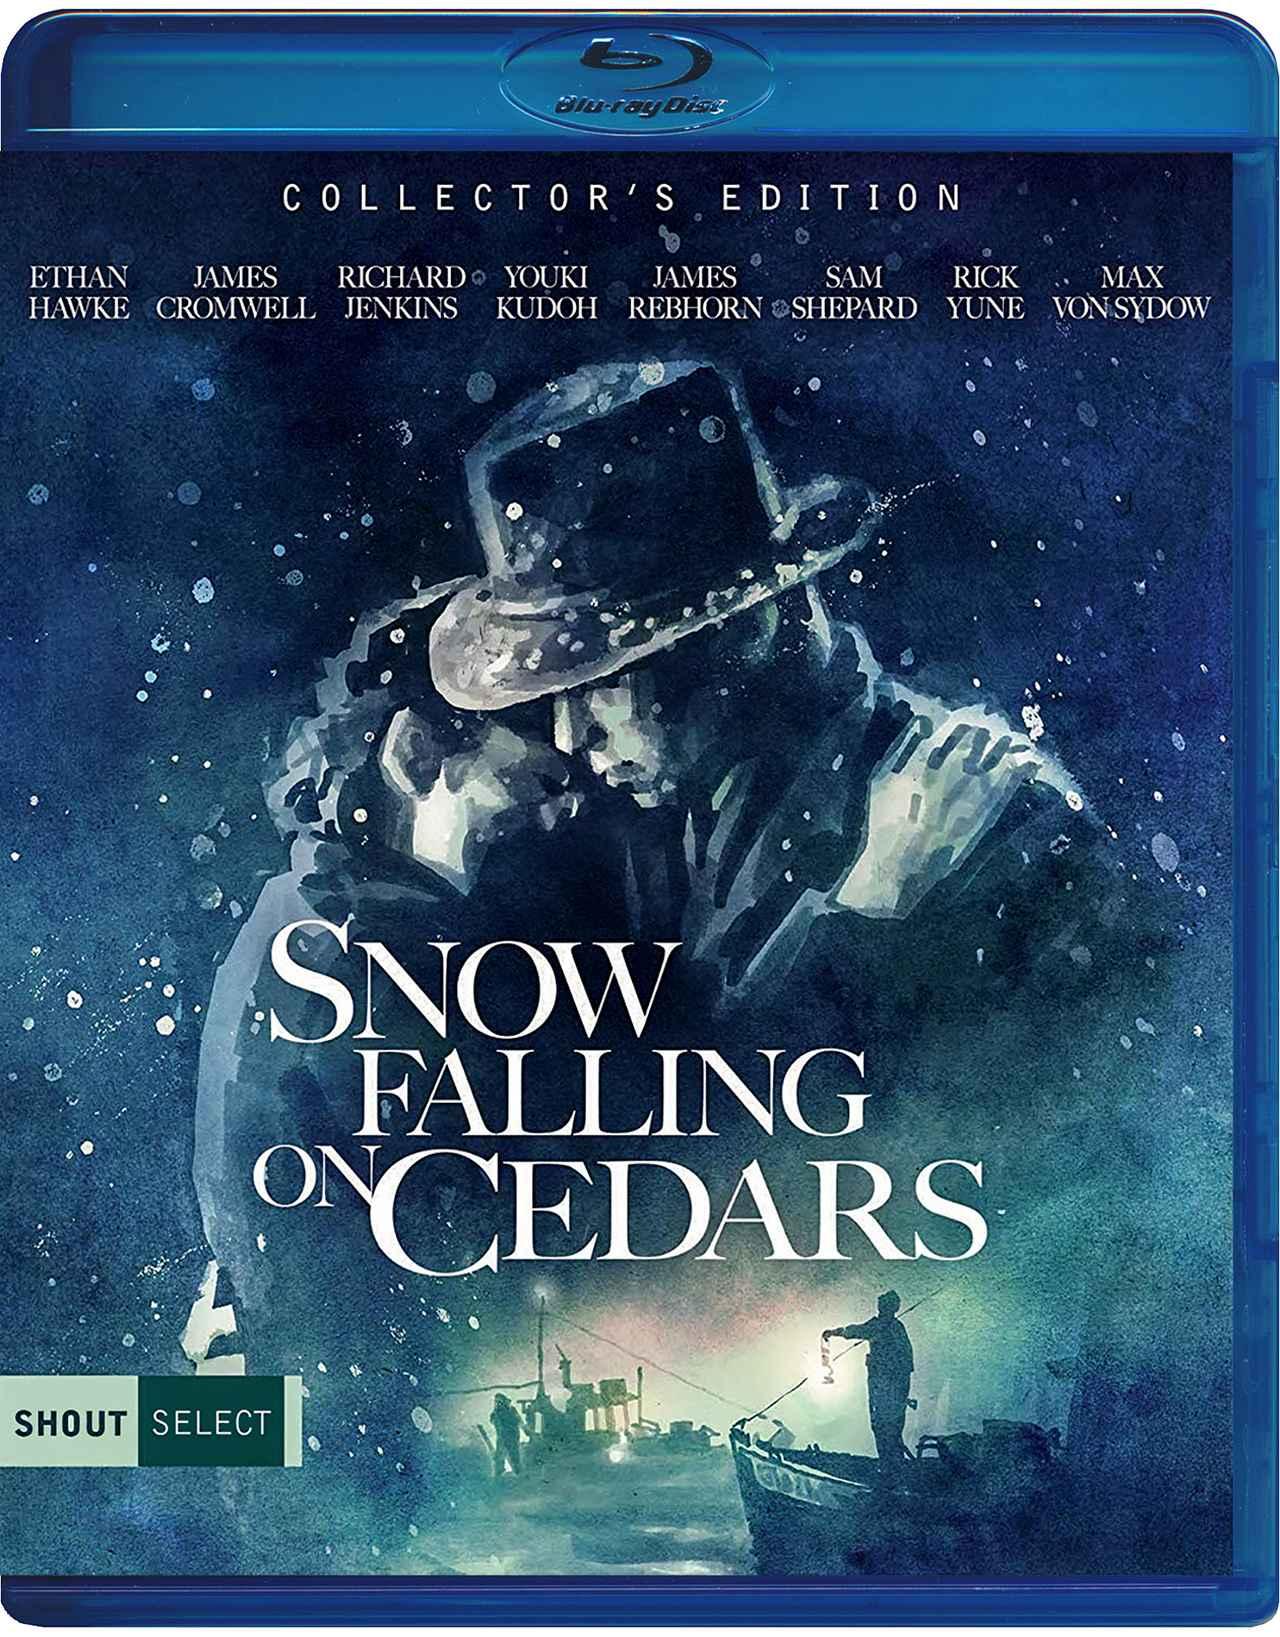 画像1: 4Kリマスターで蘇る圧巻銀残し映画『ヒマラヤ杉に降る雪』【海外盤Blu-ray発売情報】